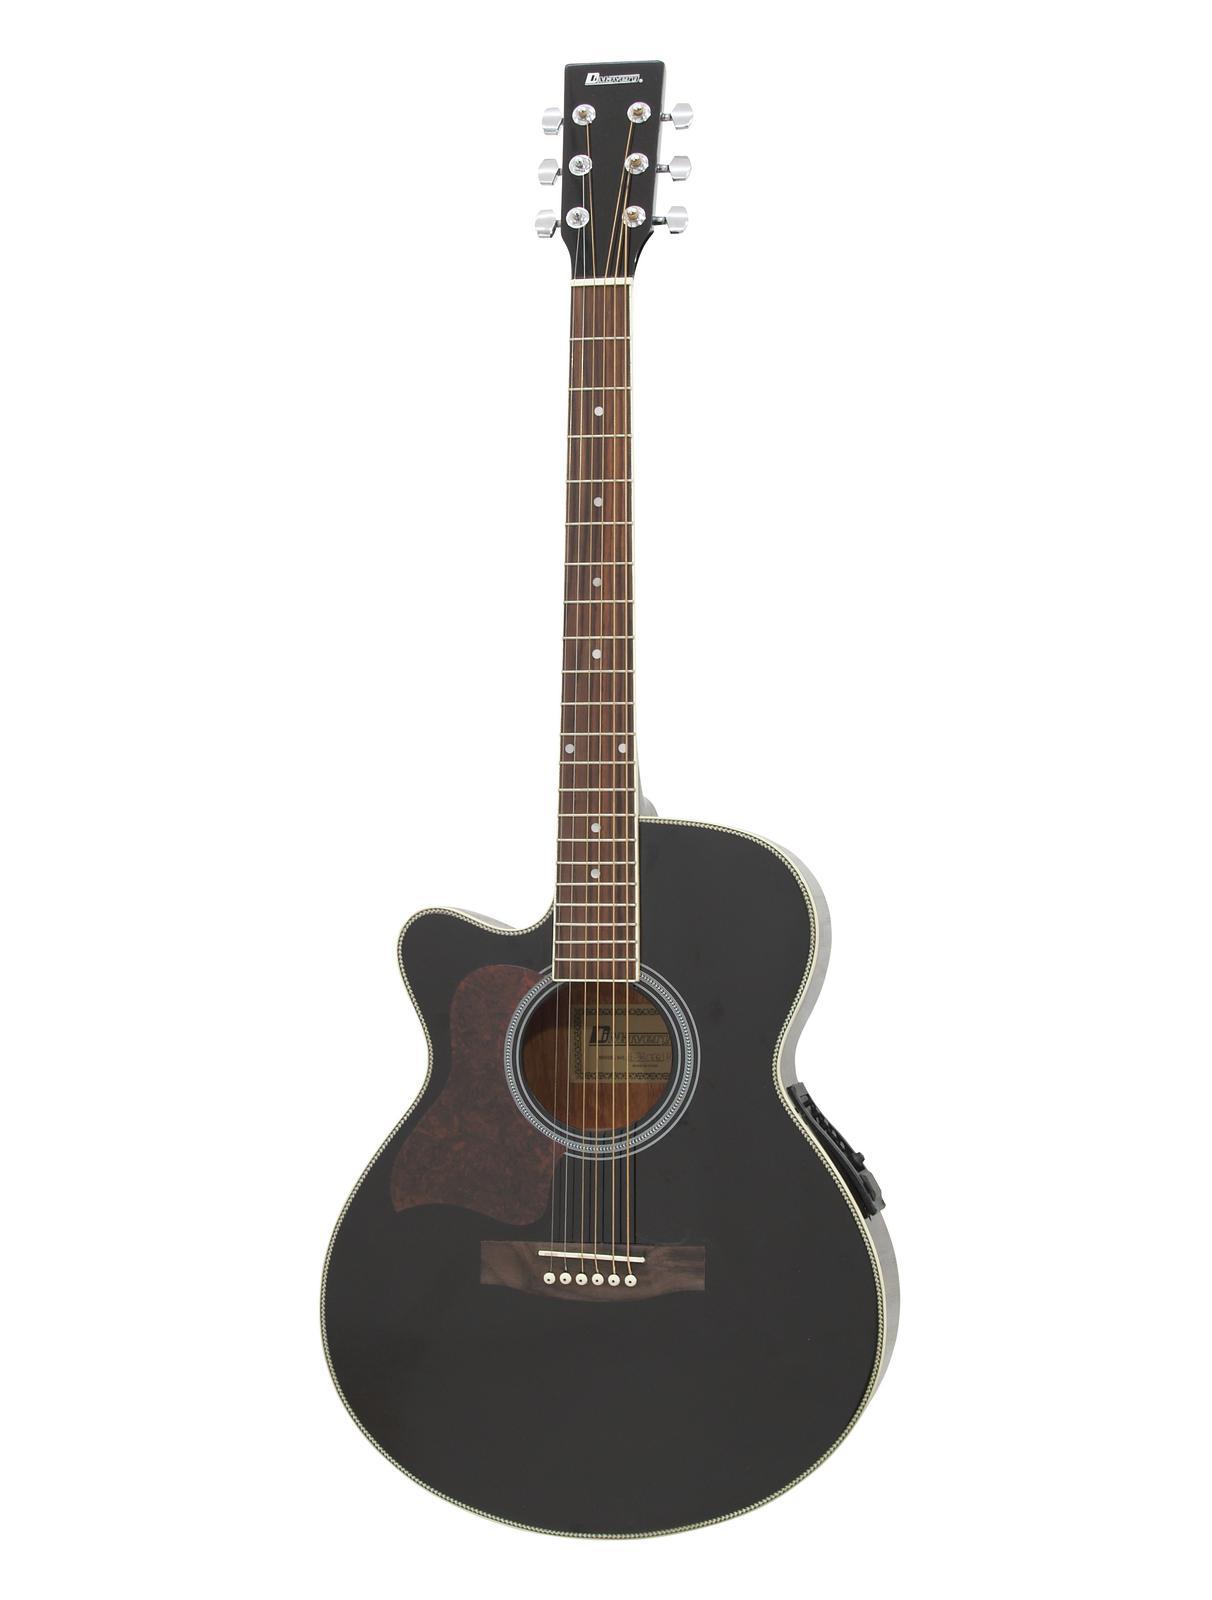 DIMAVERY JK-303L cutaway chitarra, EQ, nero